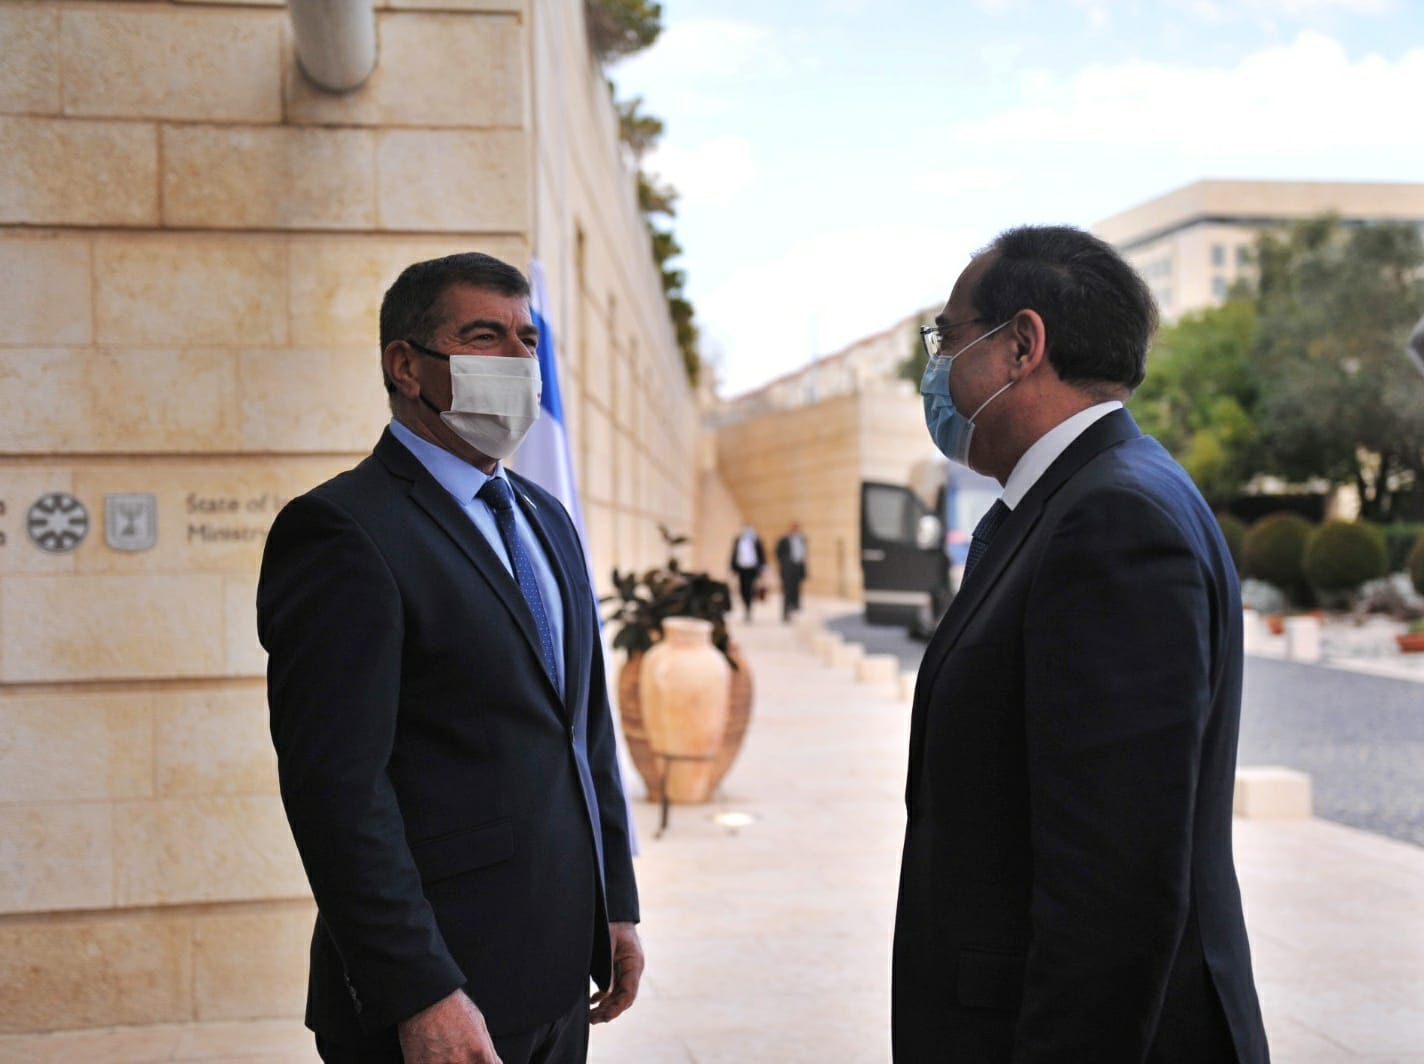 Ο αγωγός Ισραήλ-Αιγύπτου, ο ρόλος της Ελλάδας και ο παραμερισμός της Τουρκίας